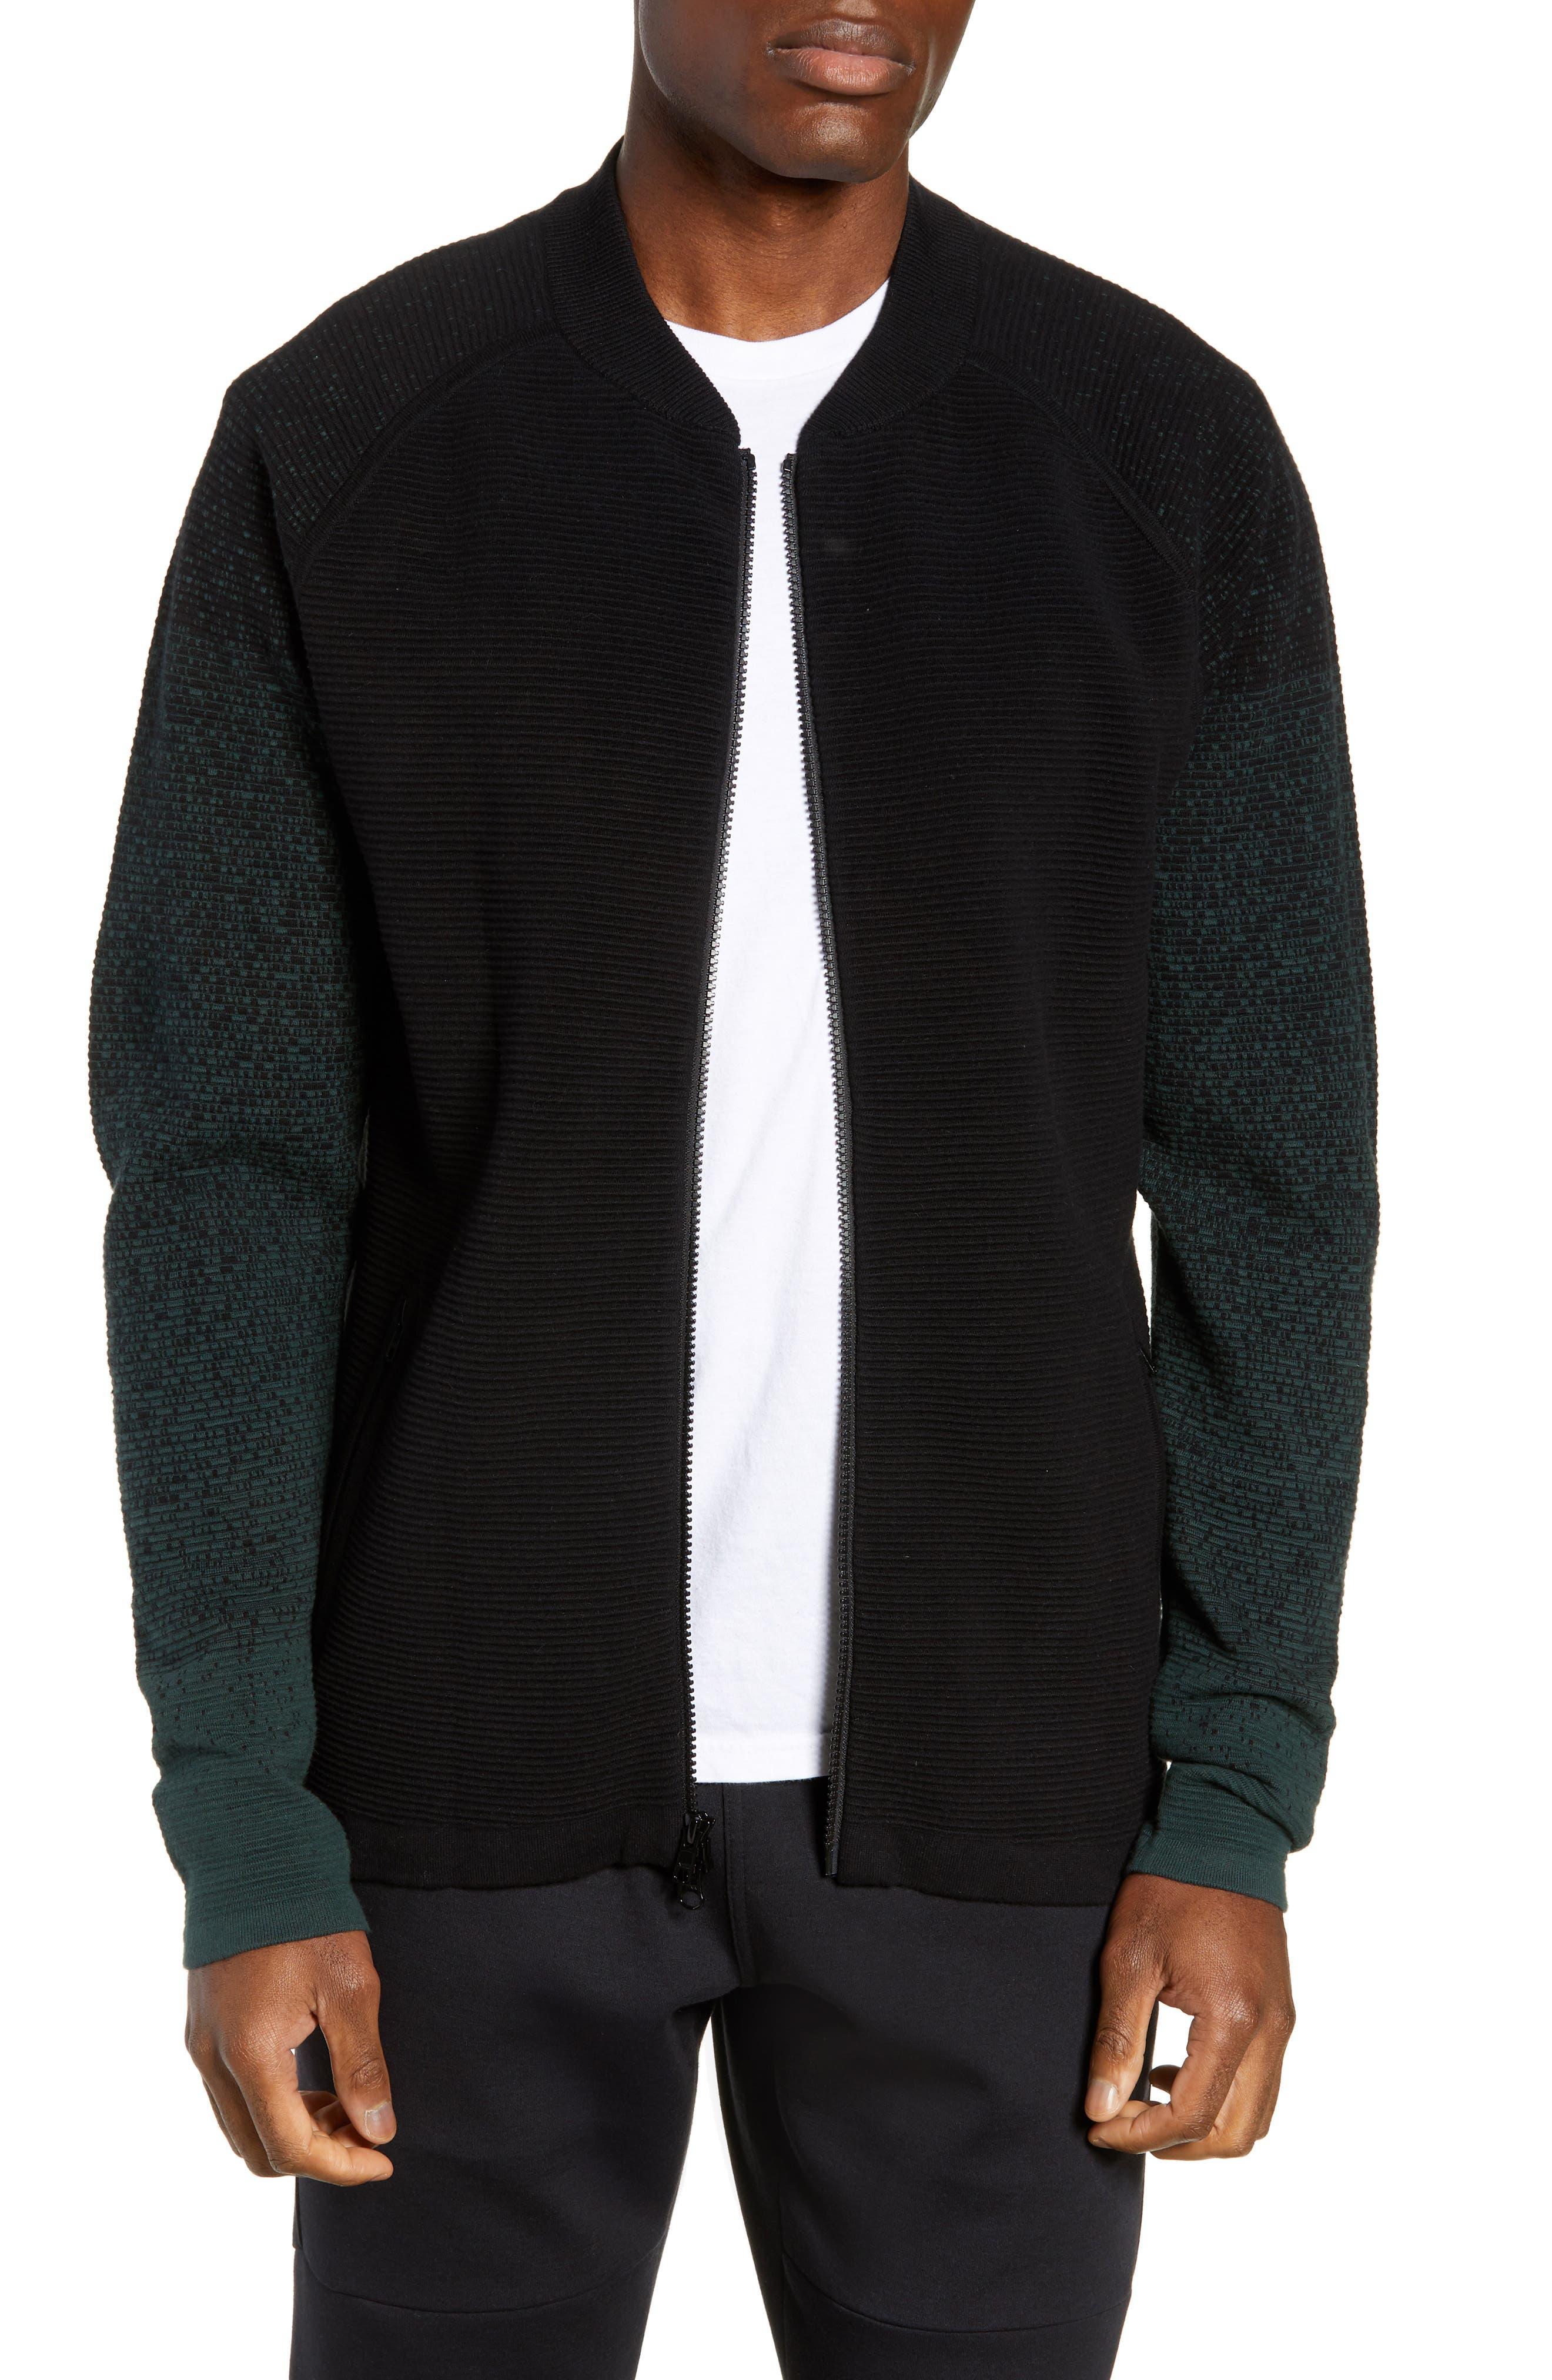 Zella Sweater Fleece Bomber Jacket